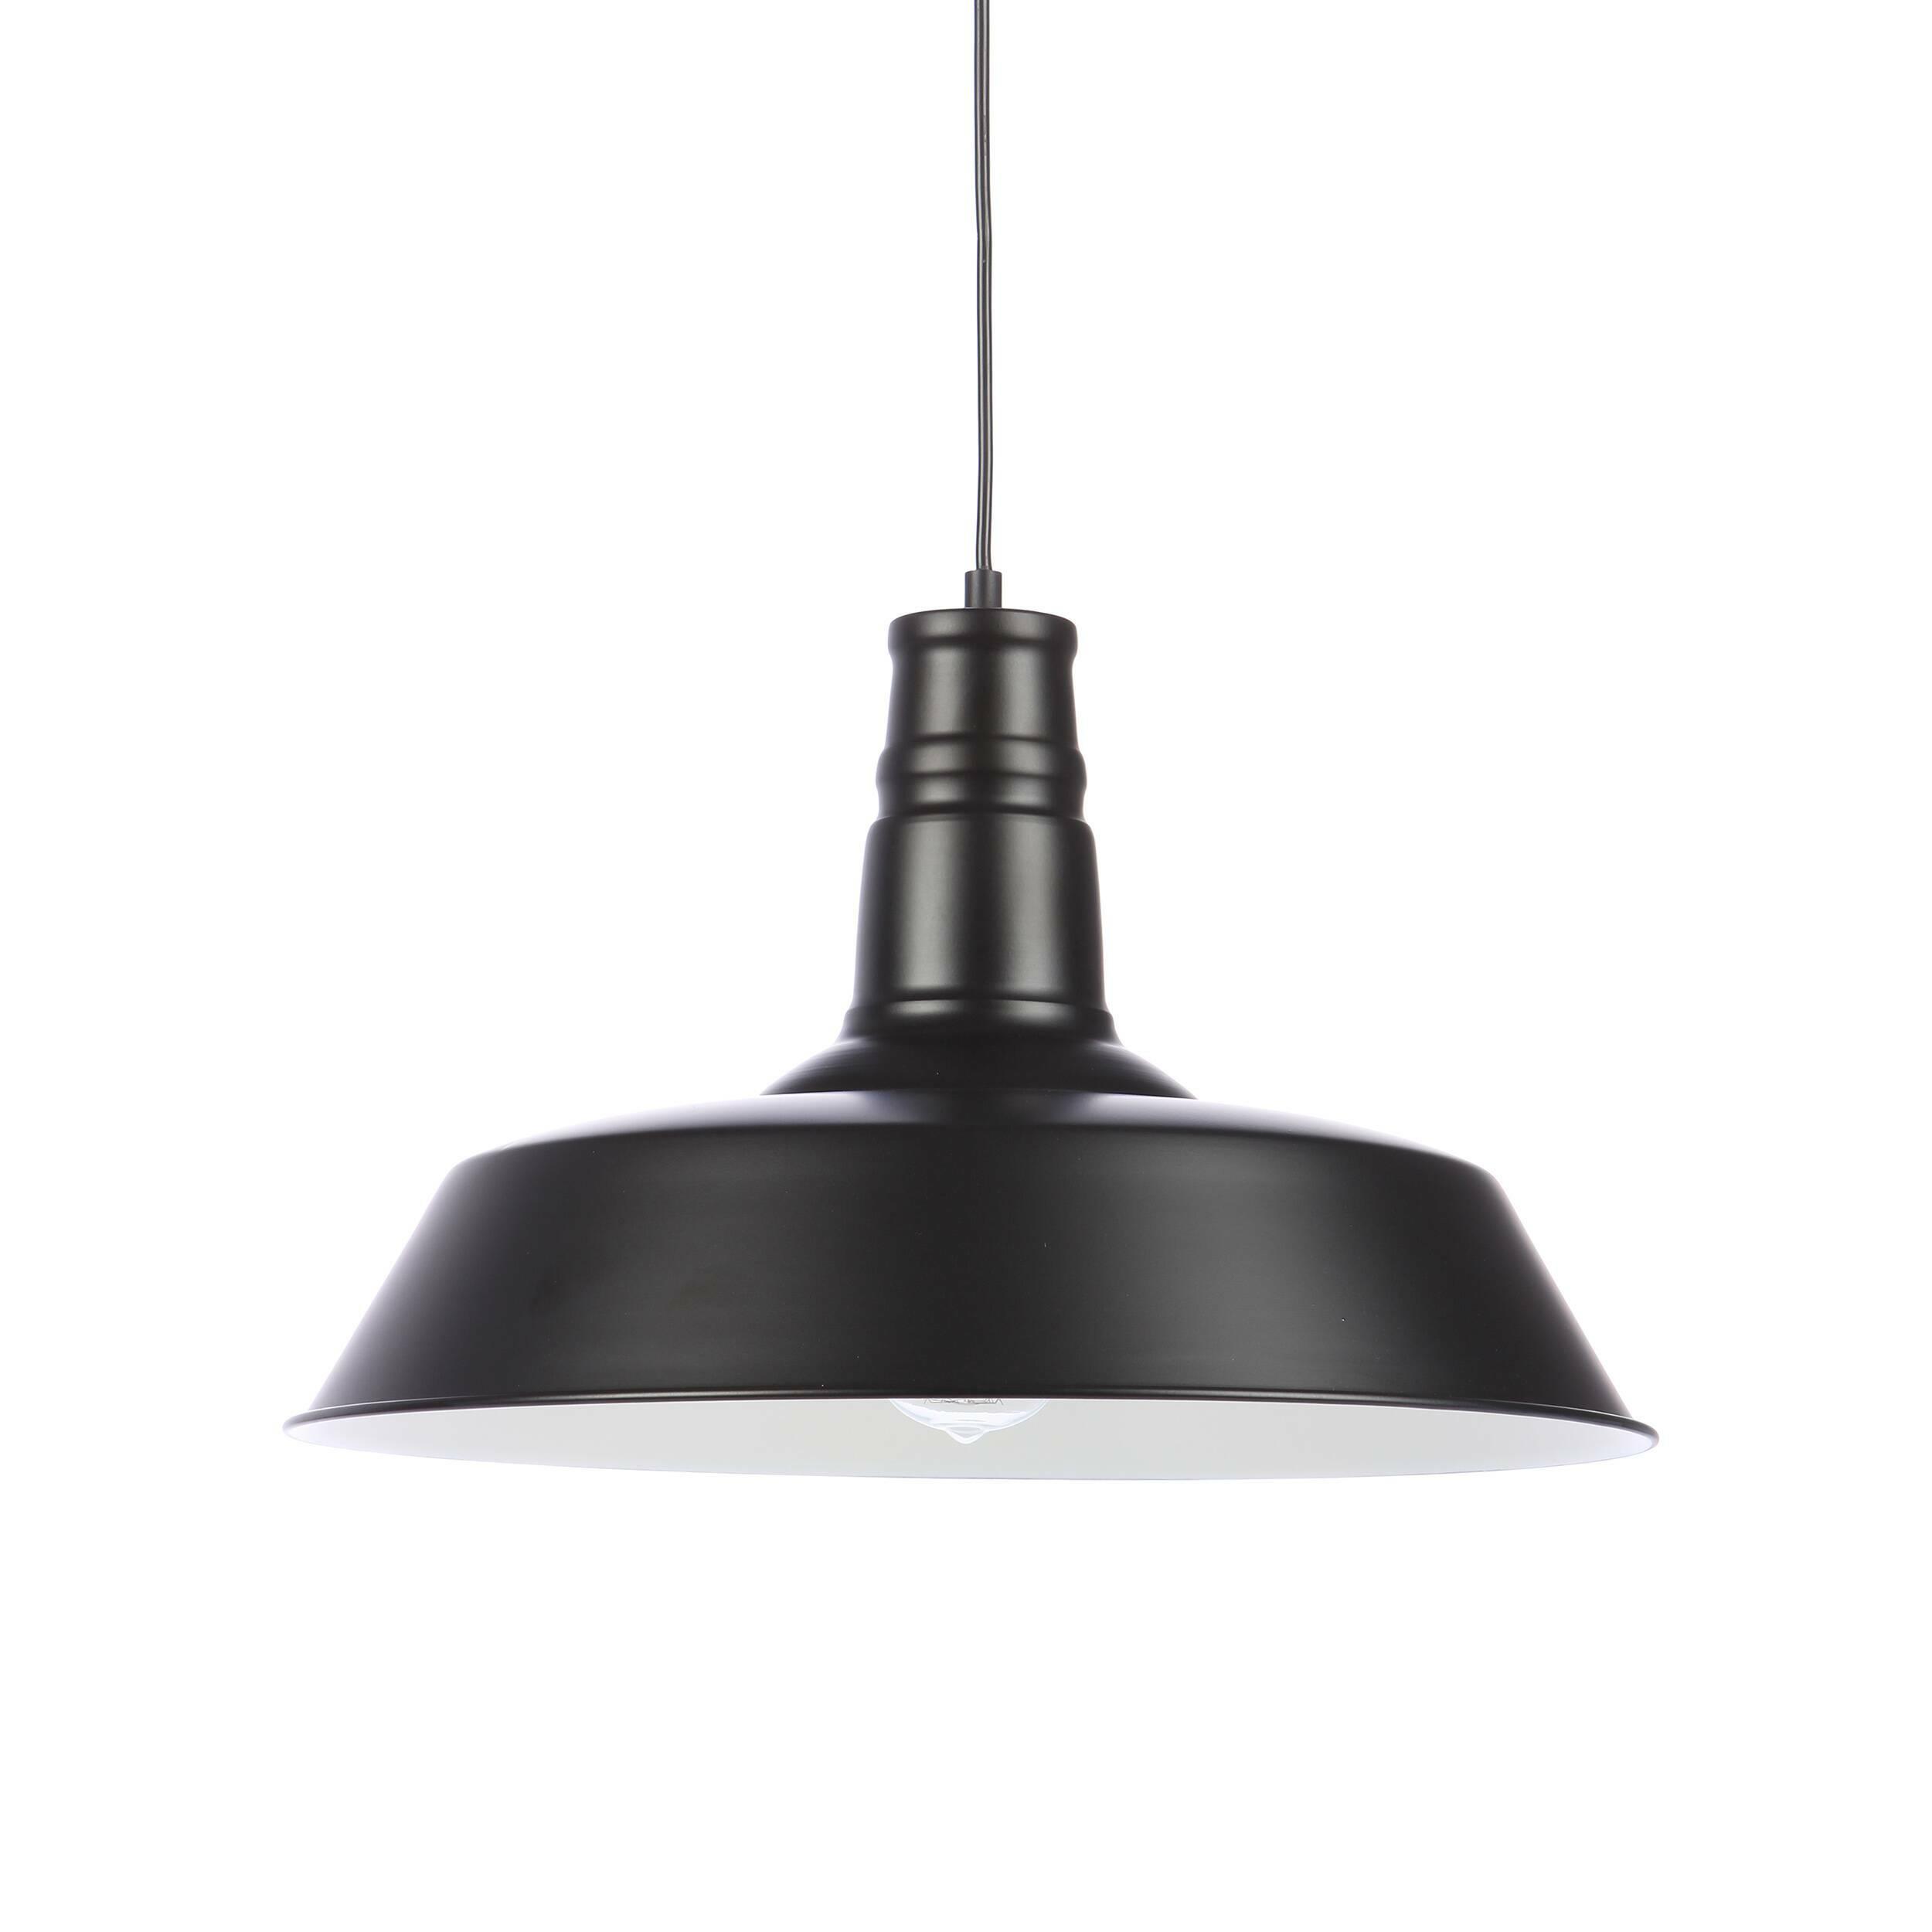 Подвесной светильник Barn Lighting диаметр 46